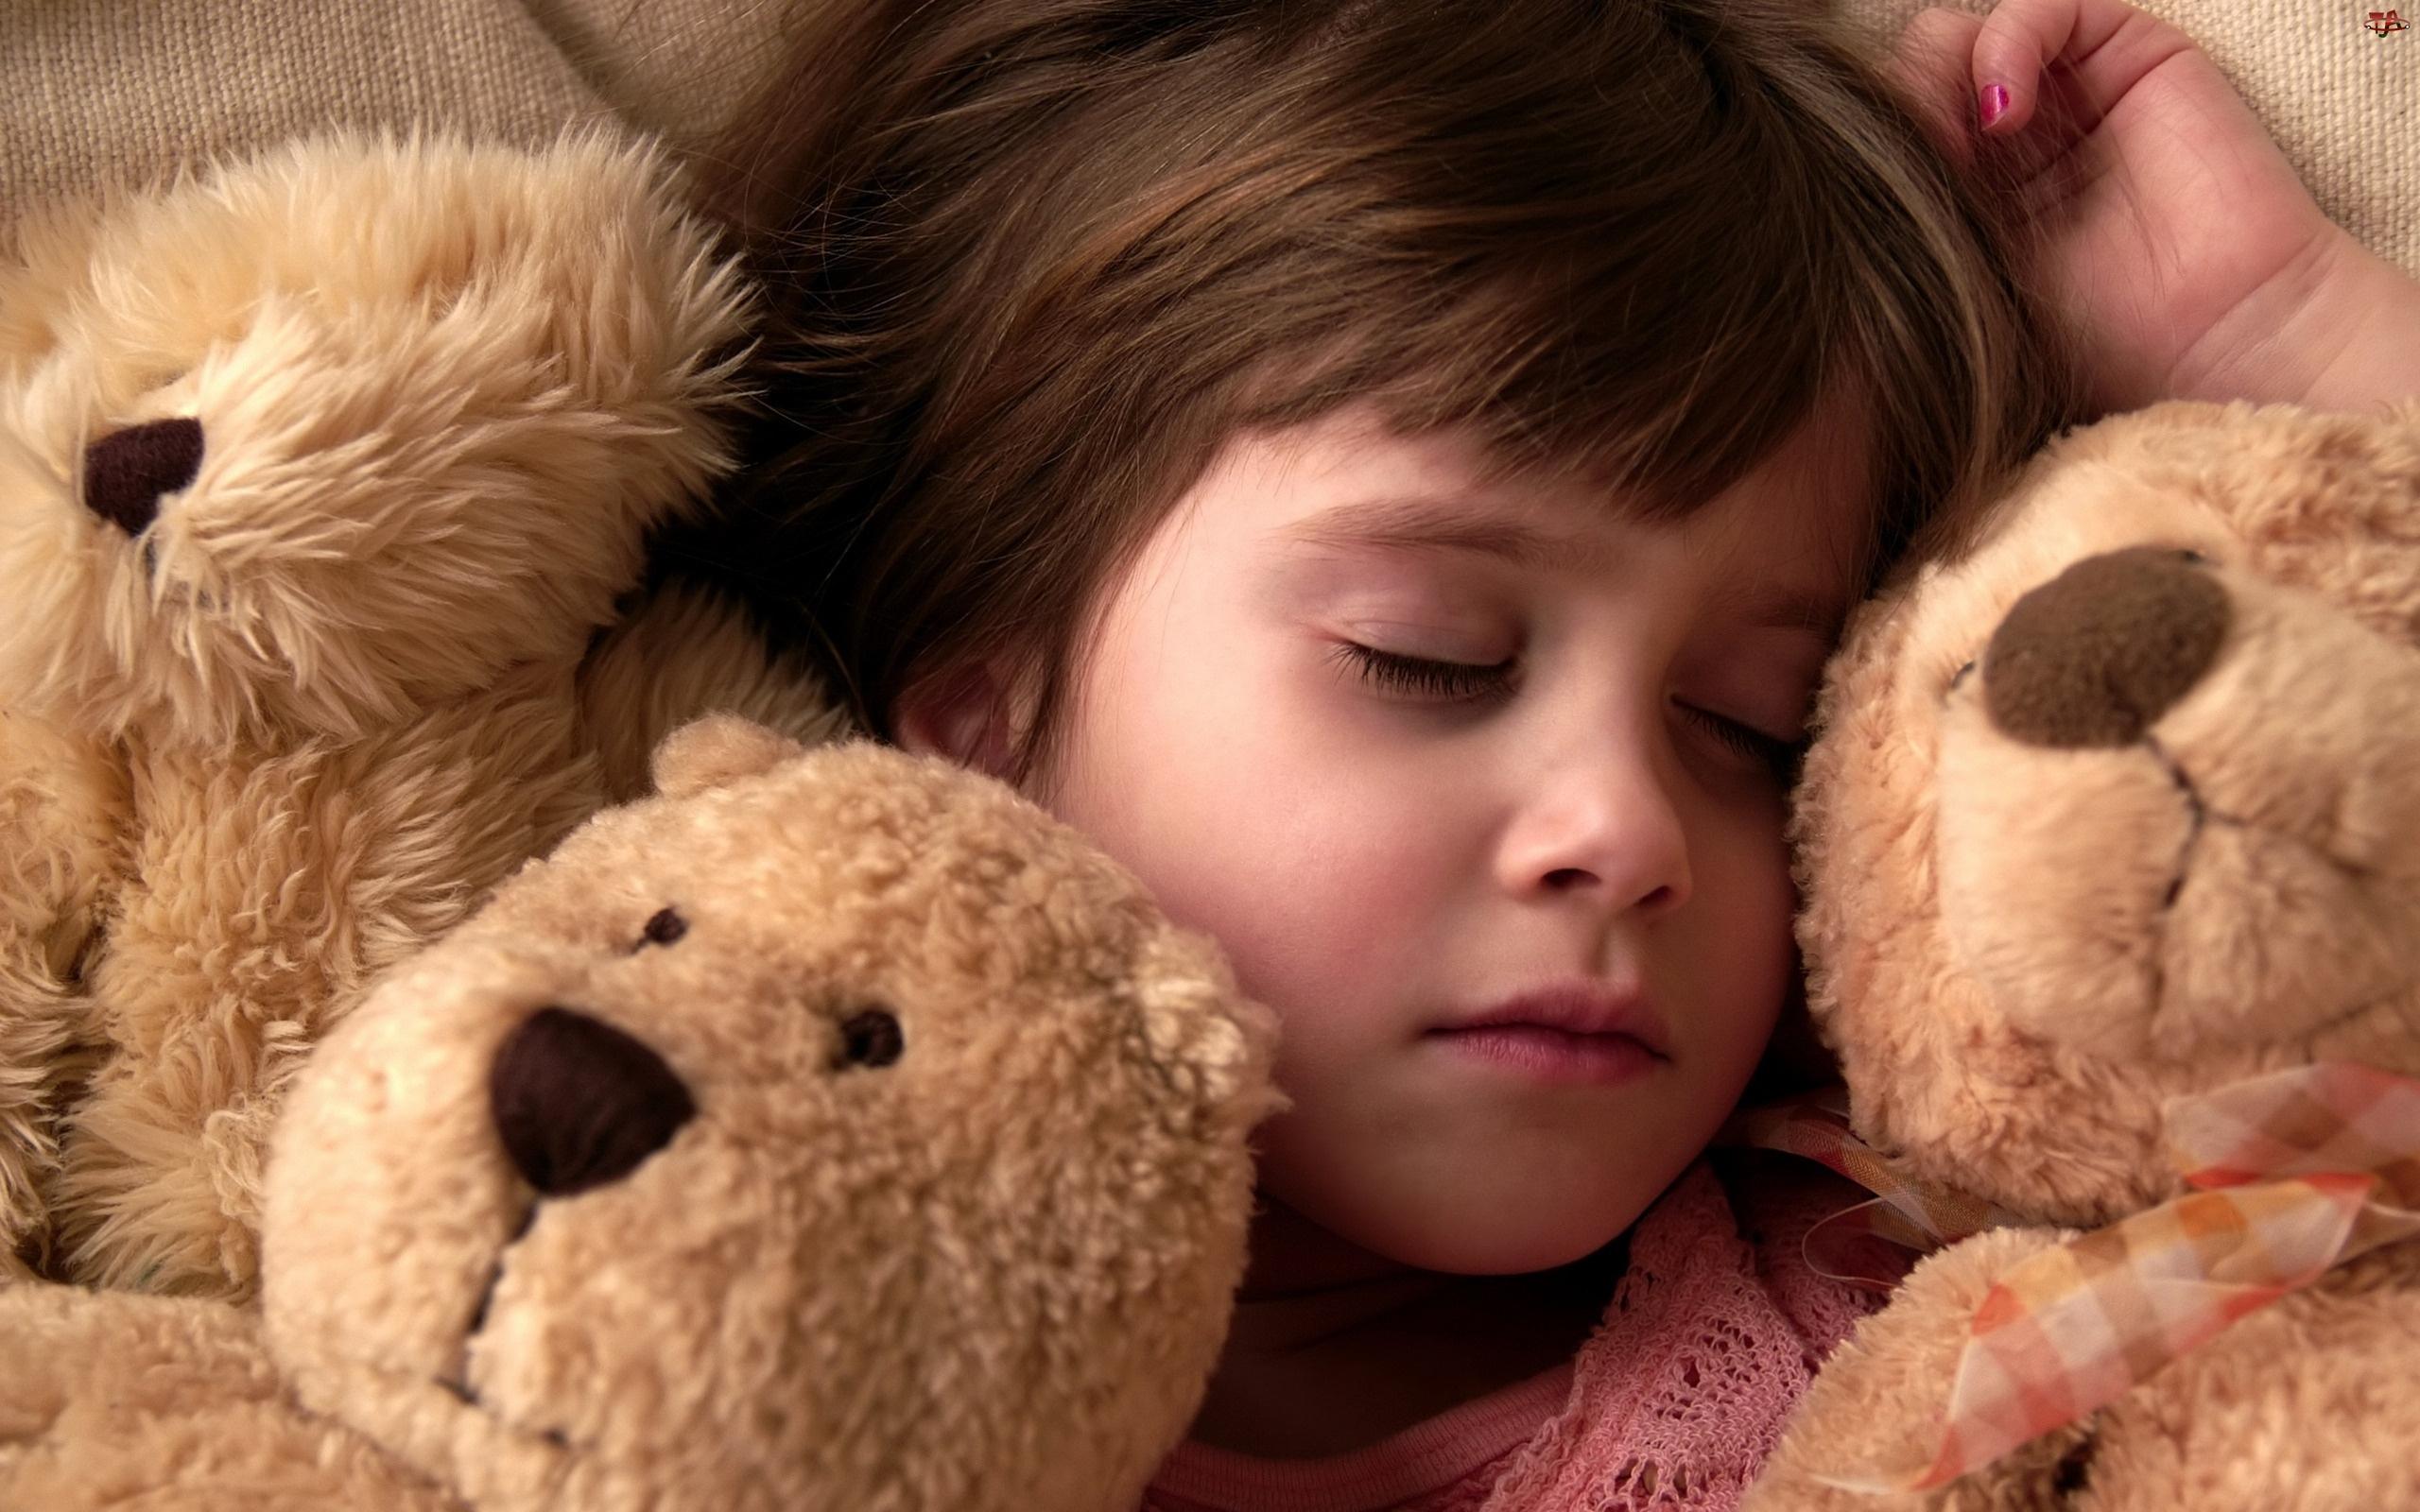 Misie, Śpiąca, Dziewczynka